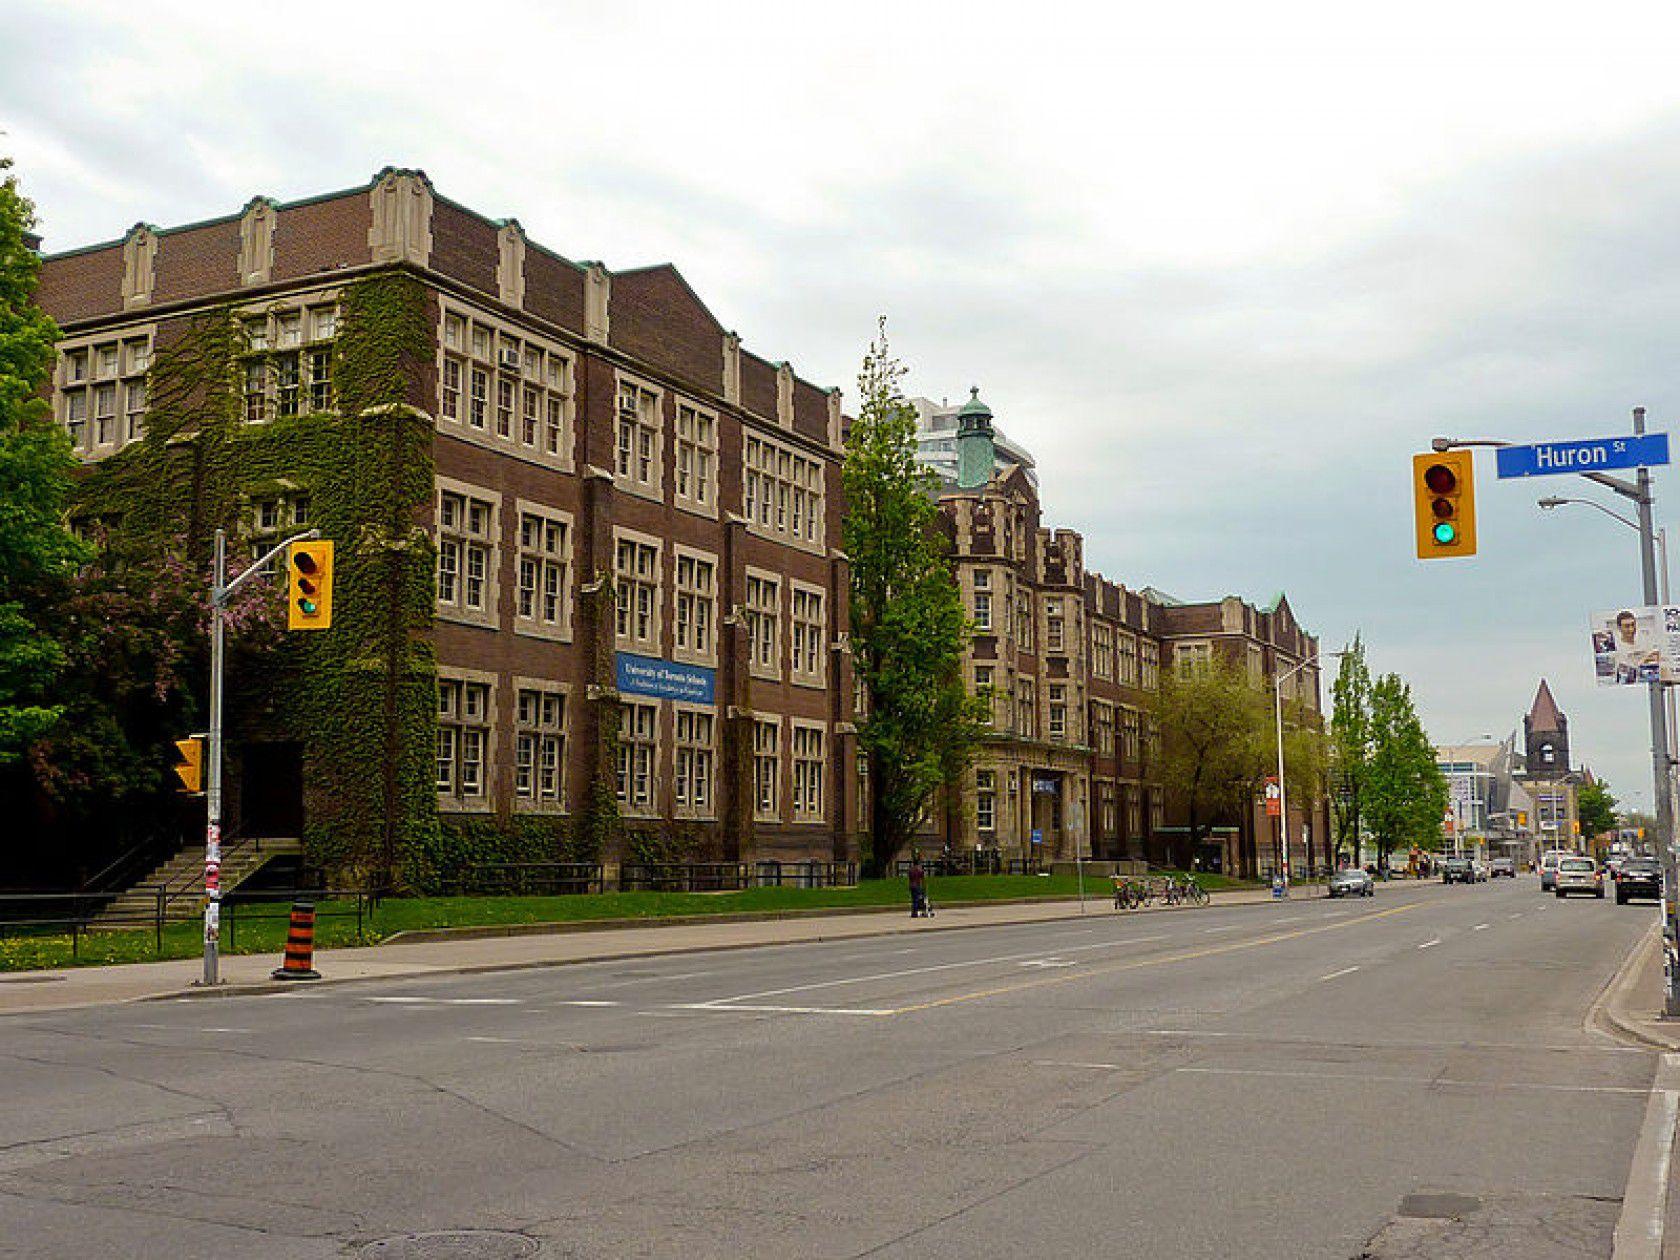 Kanada'da Mezuniyet Olanaklar ve Diploma Veren Okullarla Alakalı Bilinmesi Gerekenler